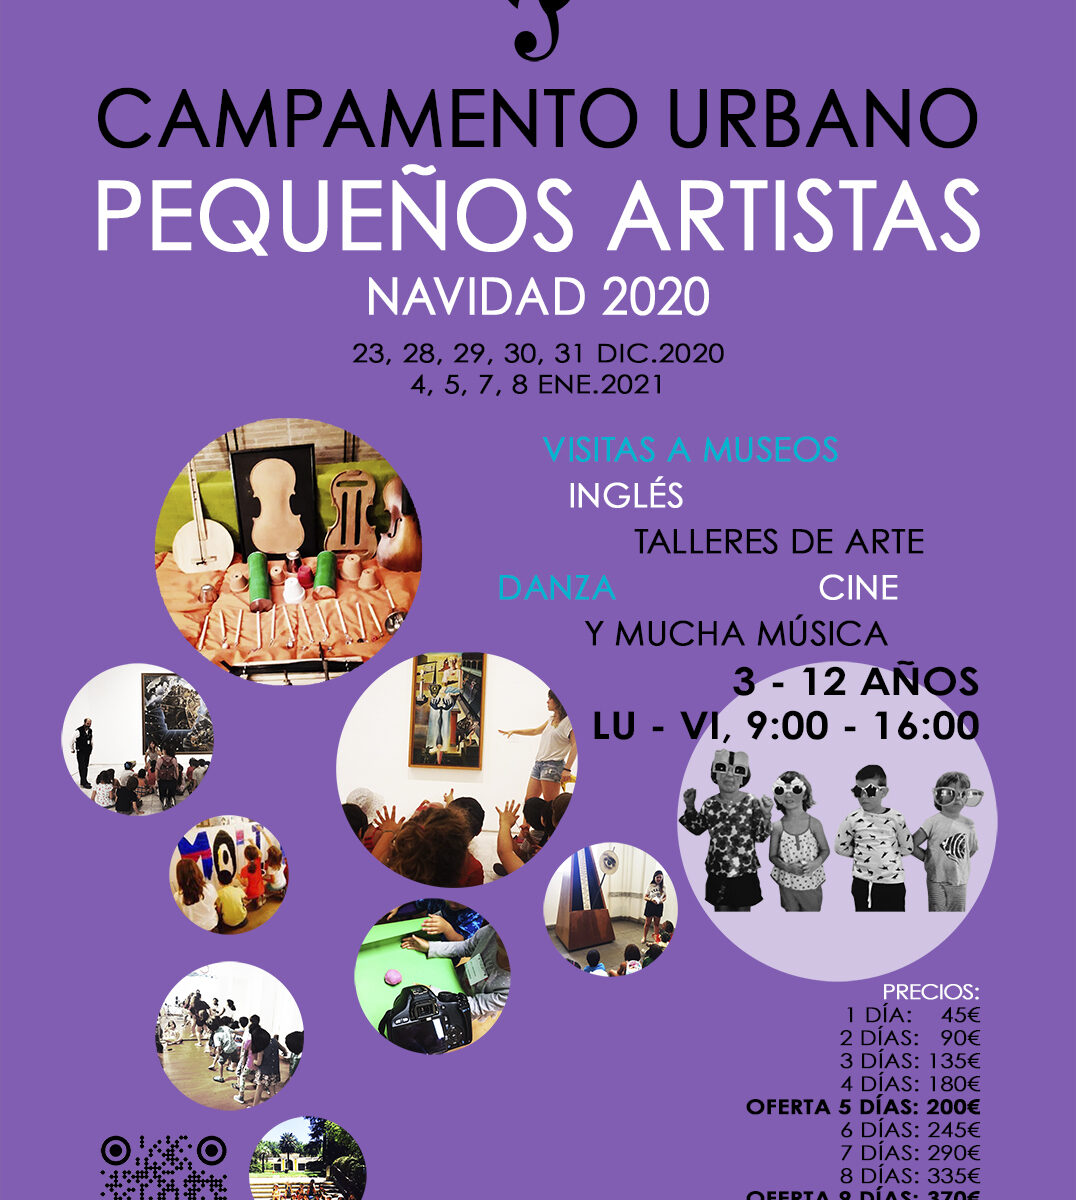 Campamento urbano de artes, navidad 2020, El Molino de Las Letras, en el corazón de Madrid